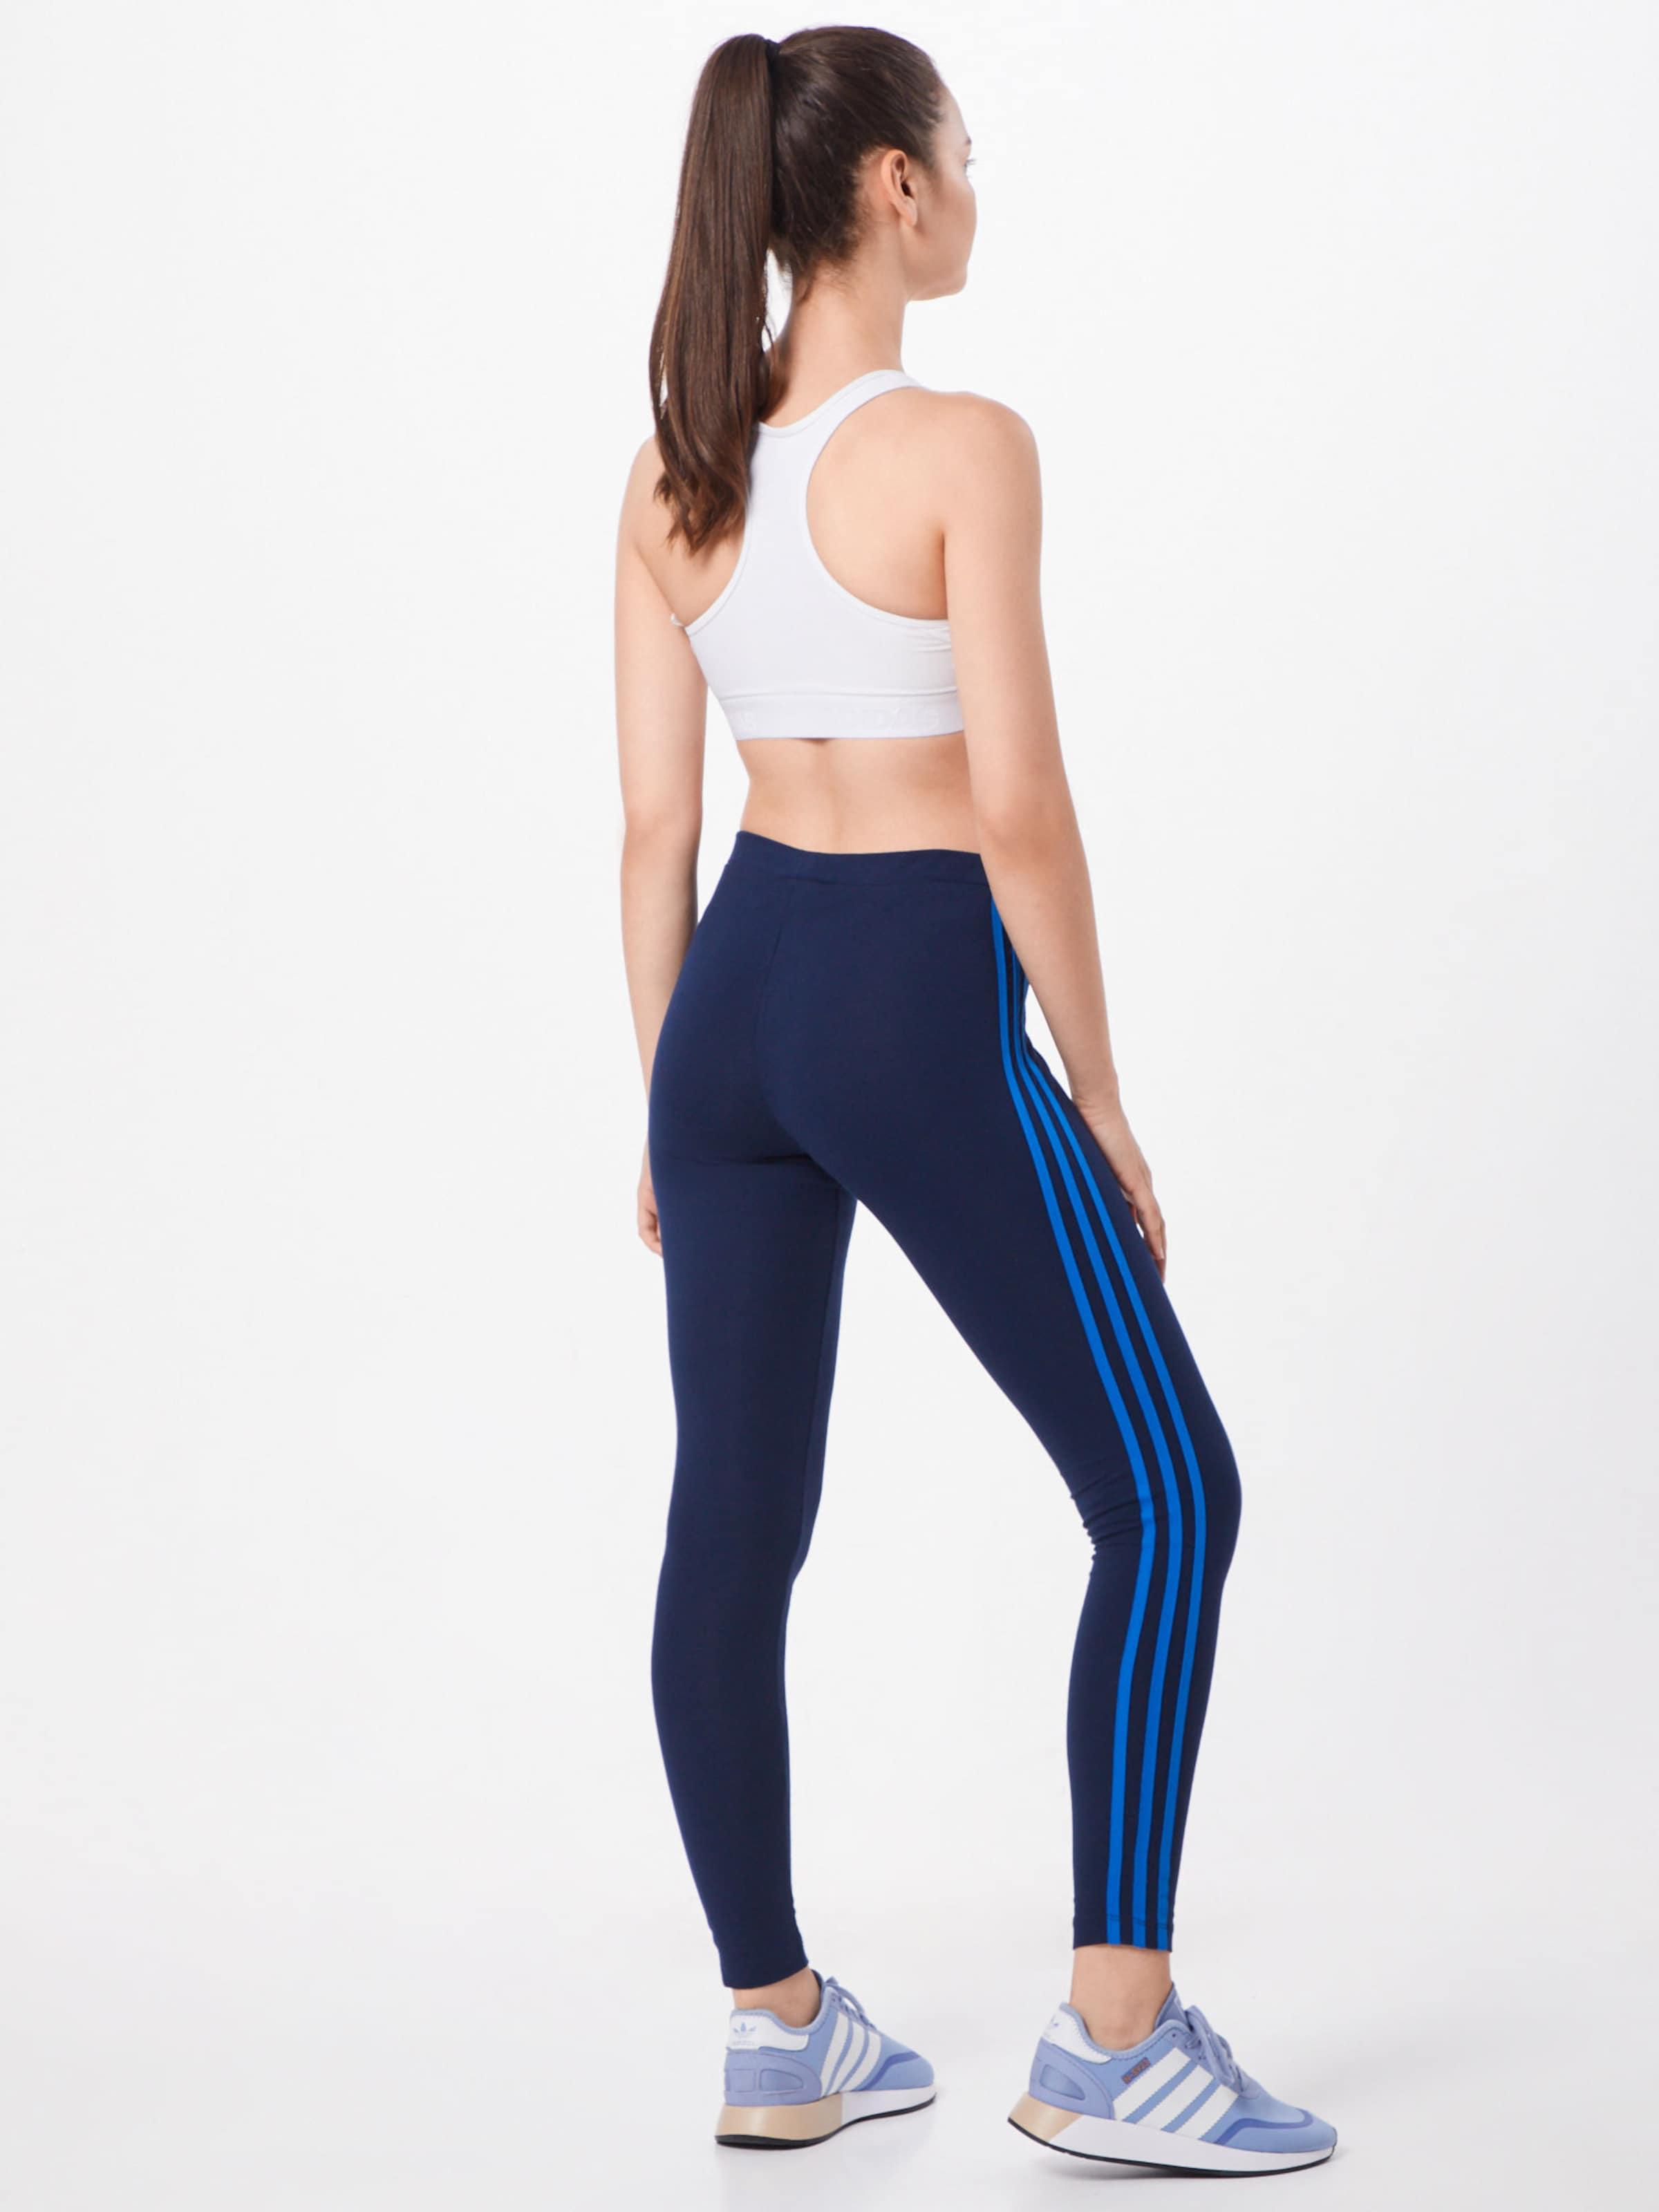 En '3 Leggings Marine Stripes' Bleu Adidas Originals 35LqARj4